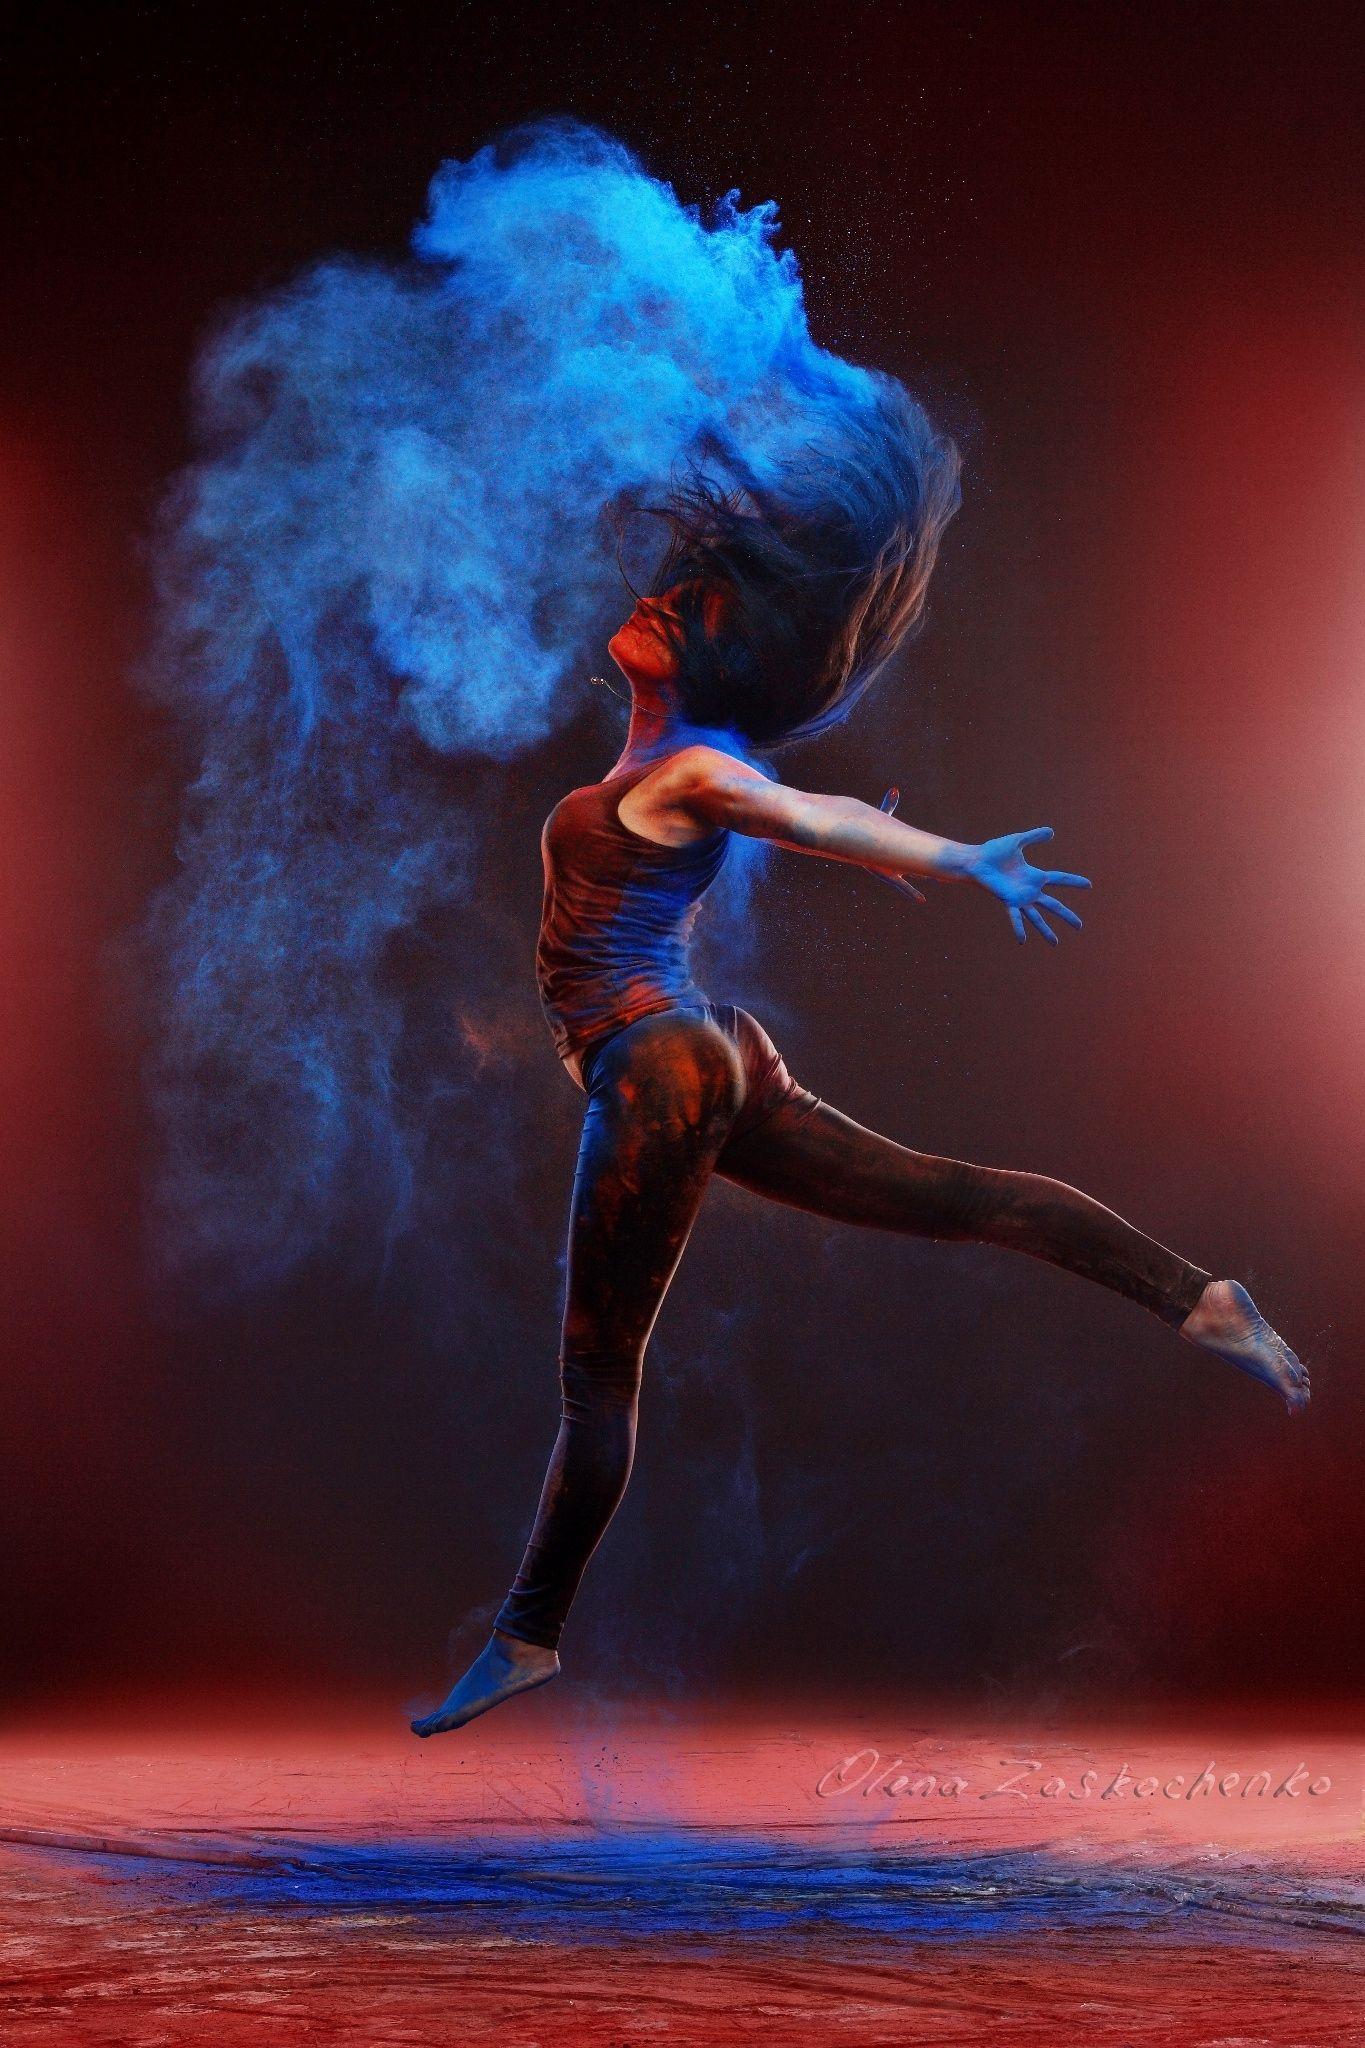 girl with colored powder - girl with colored powder exploding around ...